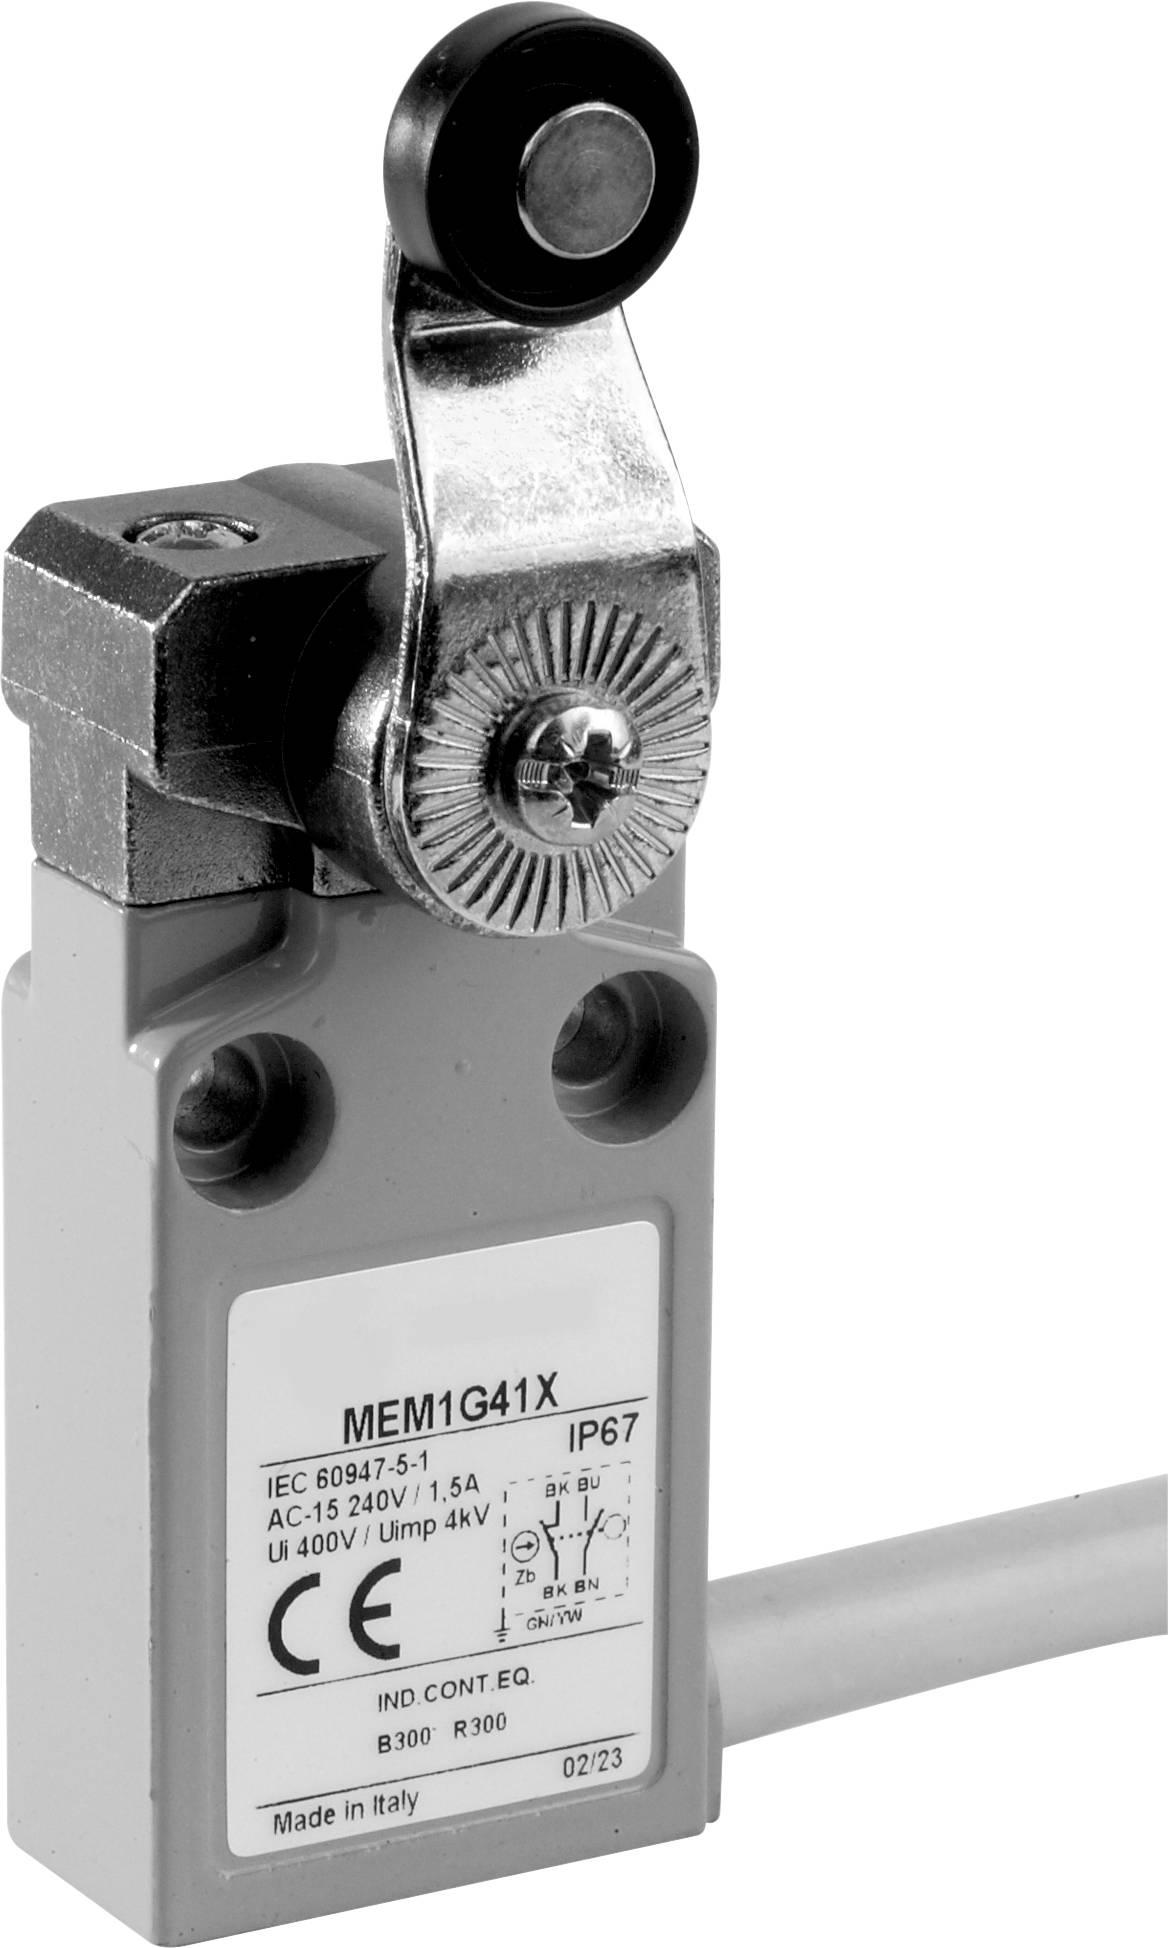 Koncový spínač Panasonic MEM1G41ZD, 24 V, 5 A, páka s rolnou, IP67, 1 ks